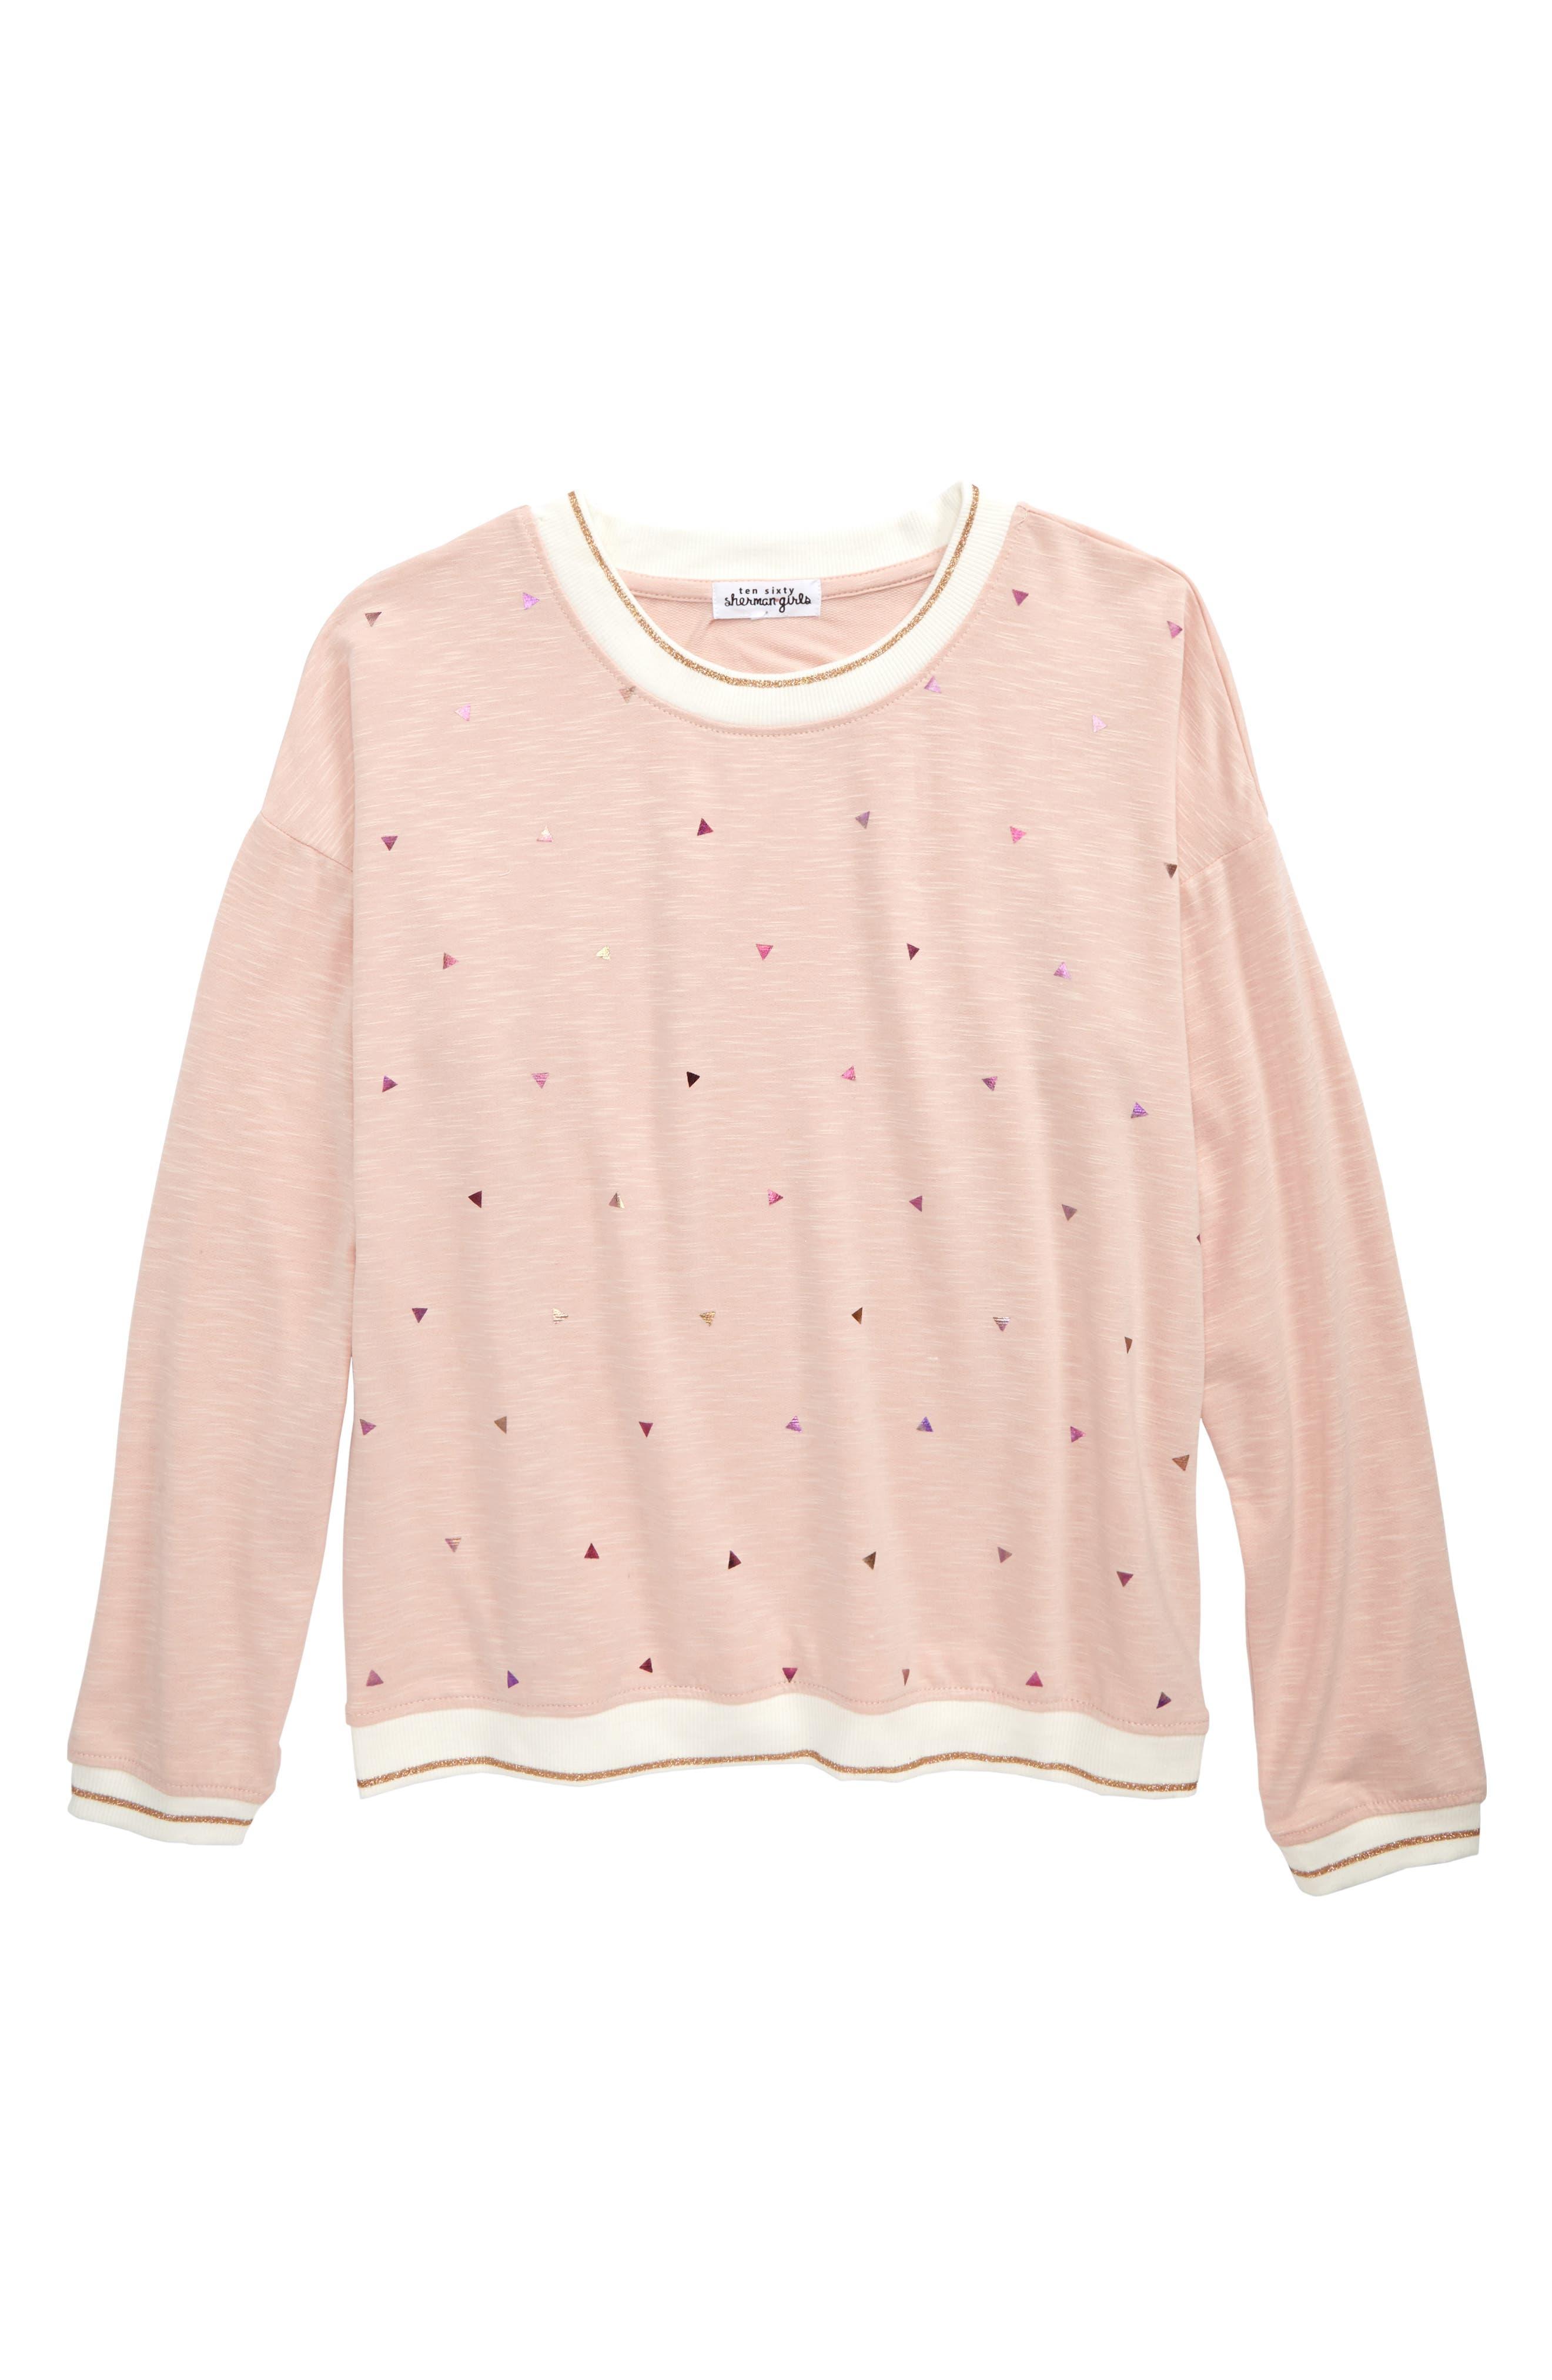 Main Image - Ten Sixty Sherman Foil Triangle Sweatshirt (Big Girls)